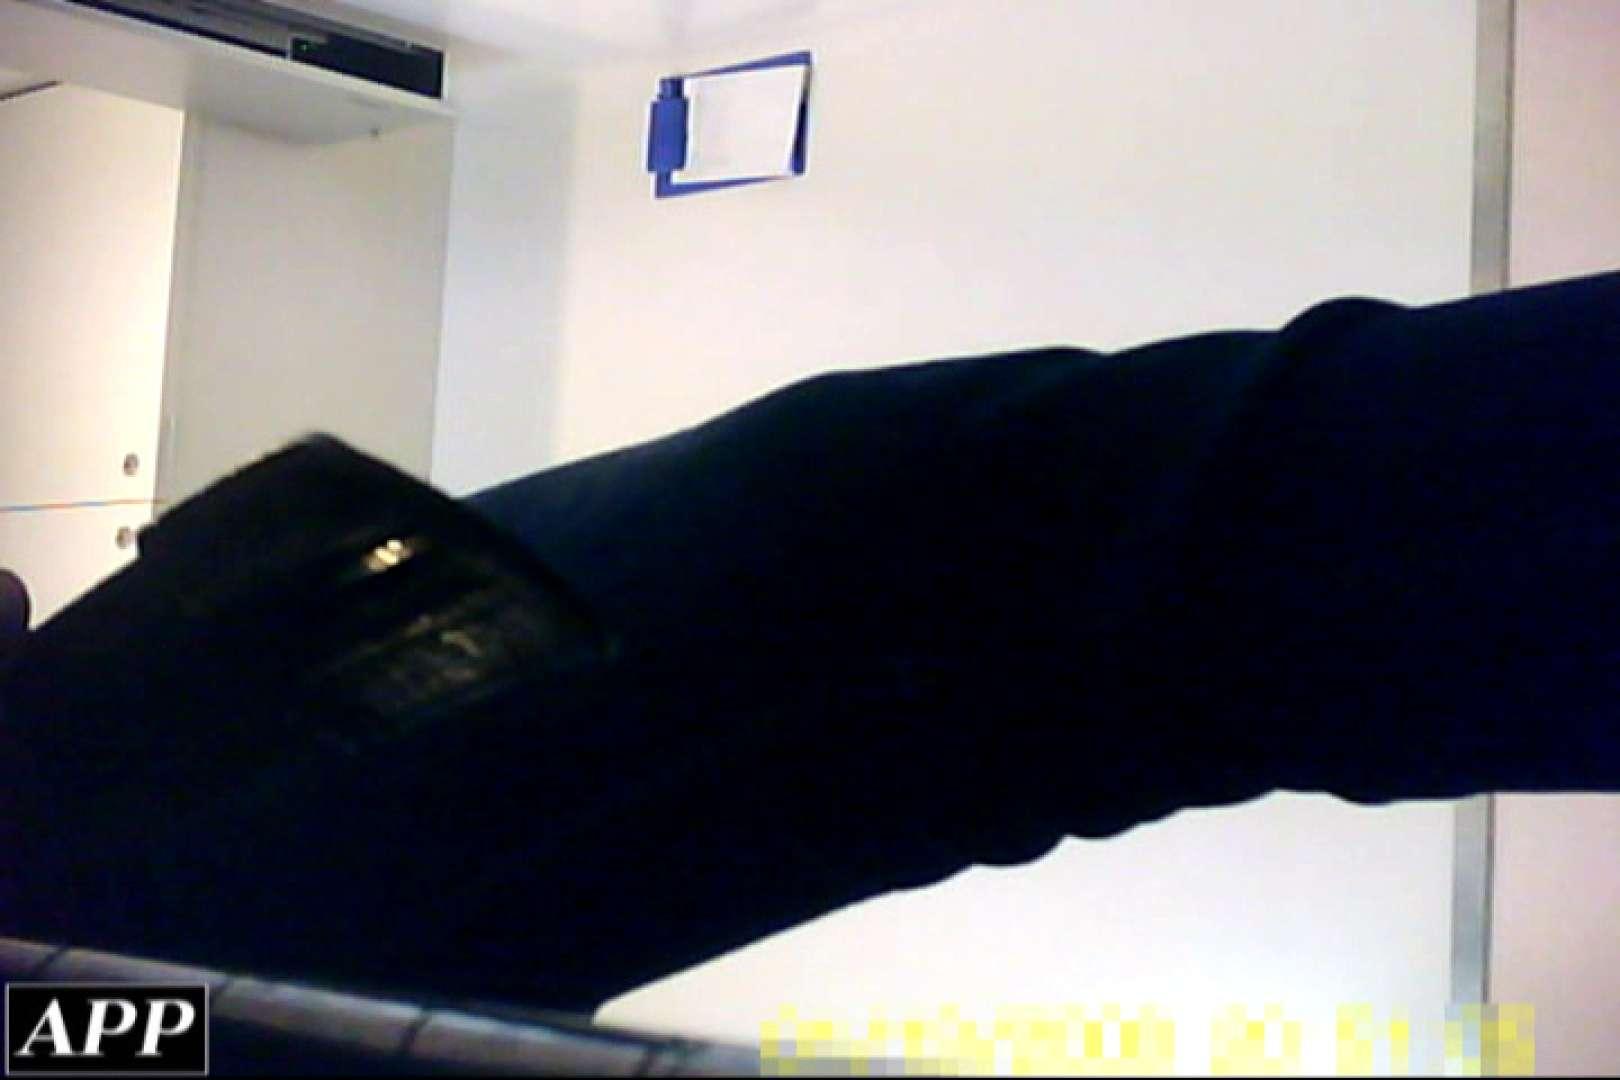 3視点洗面所 vol.135 エッチなOL 盗み撮り動画キャプチャ 101枚 92